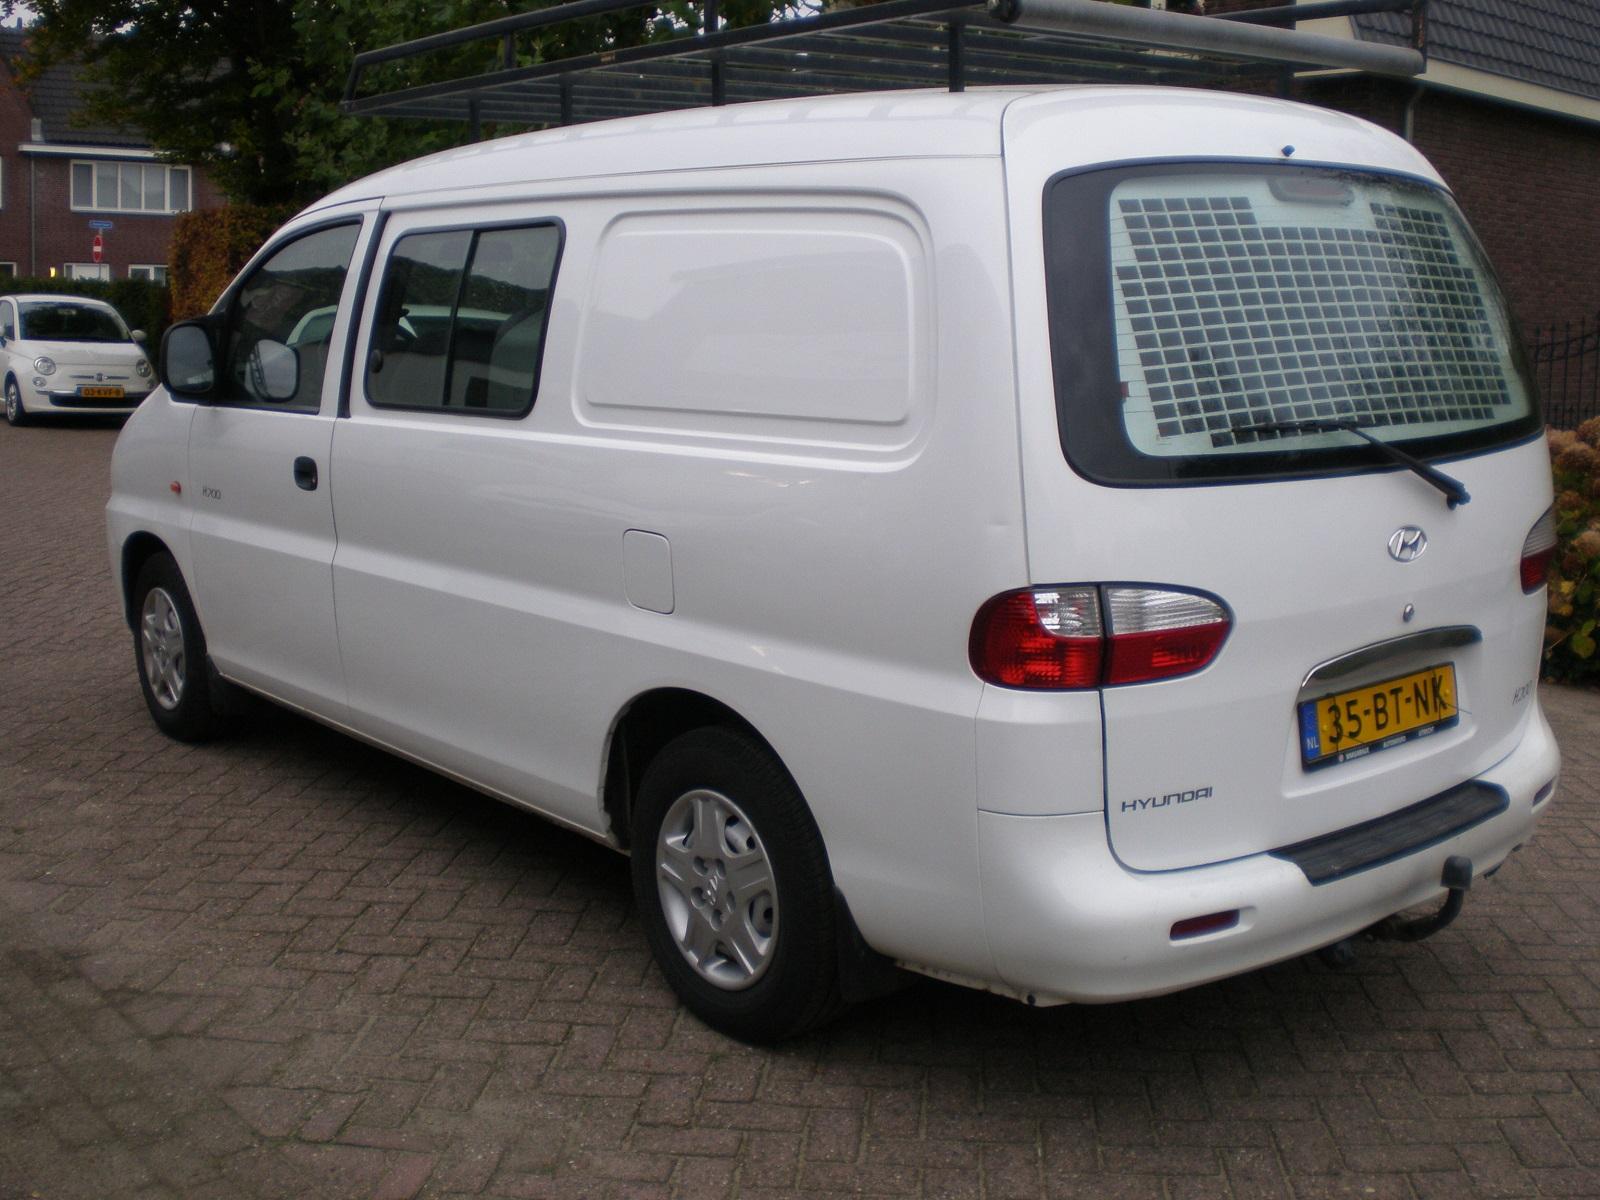 Hyundai H200 2.5 CRDI DC, 2005, met APK